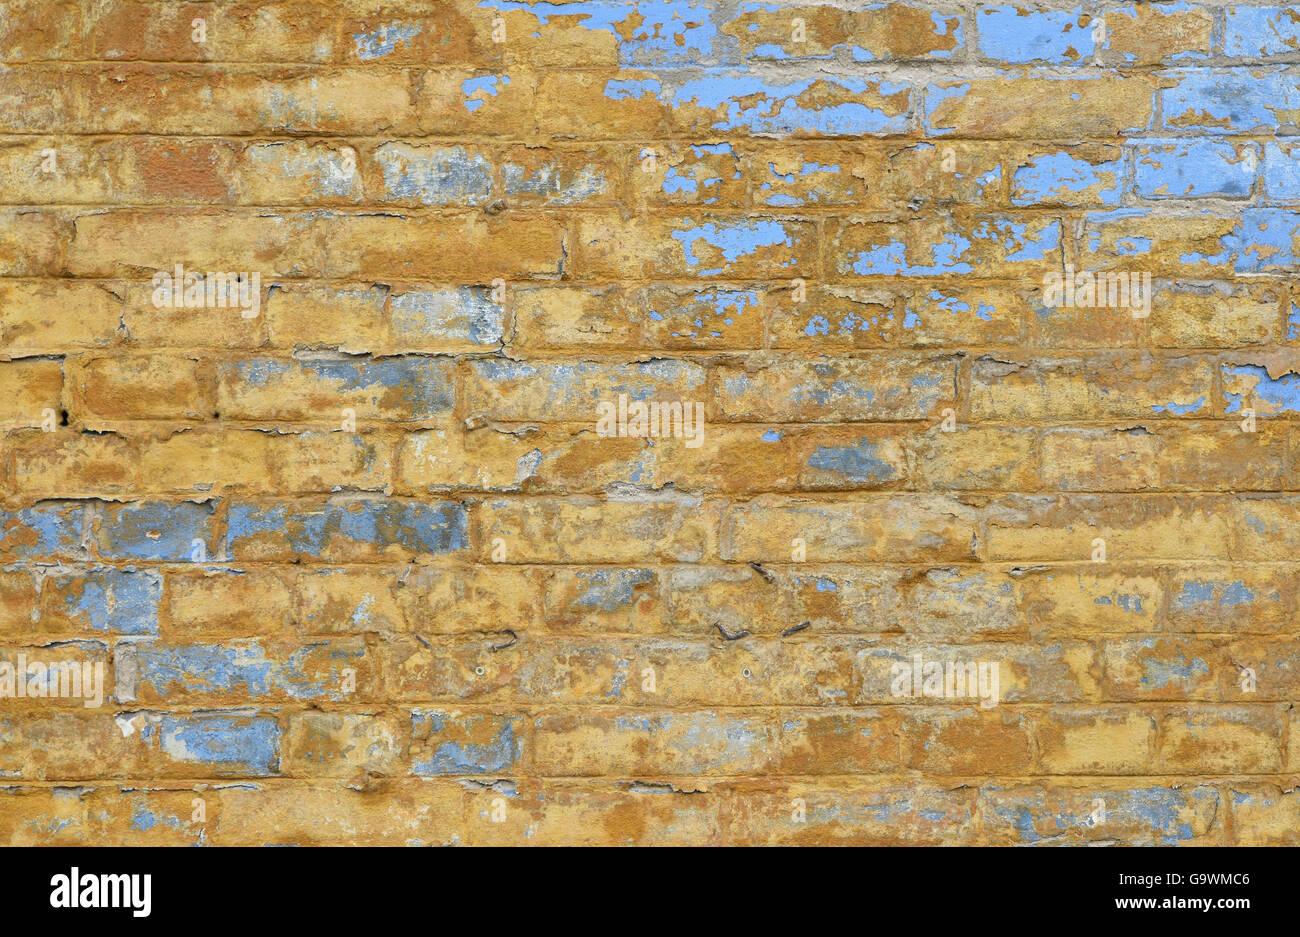 Perfect Decorative Stone Wall Panels Pattern - The Wall Art ...